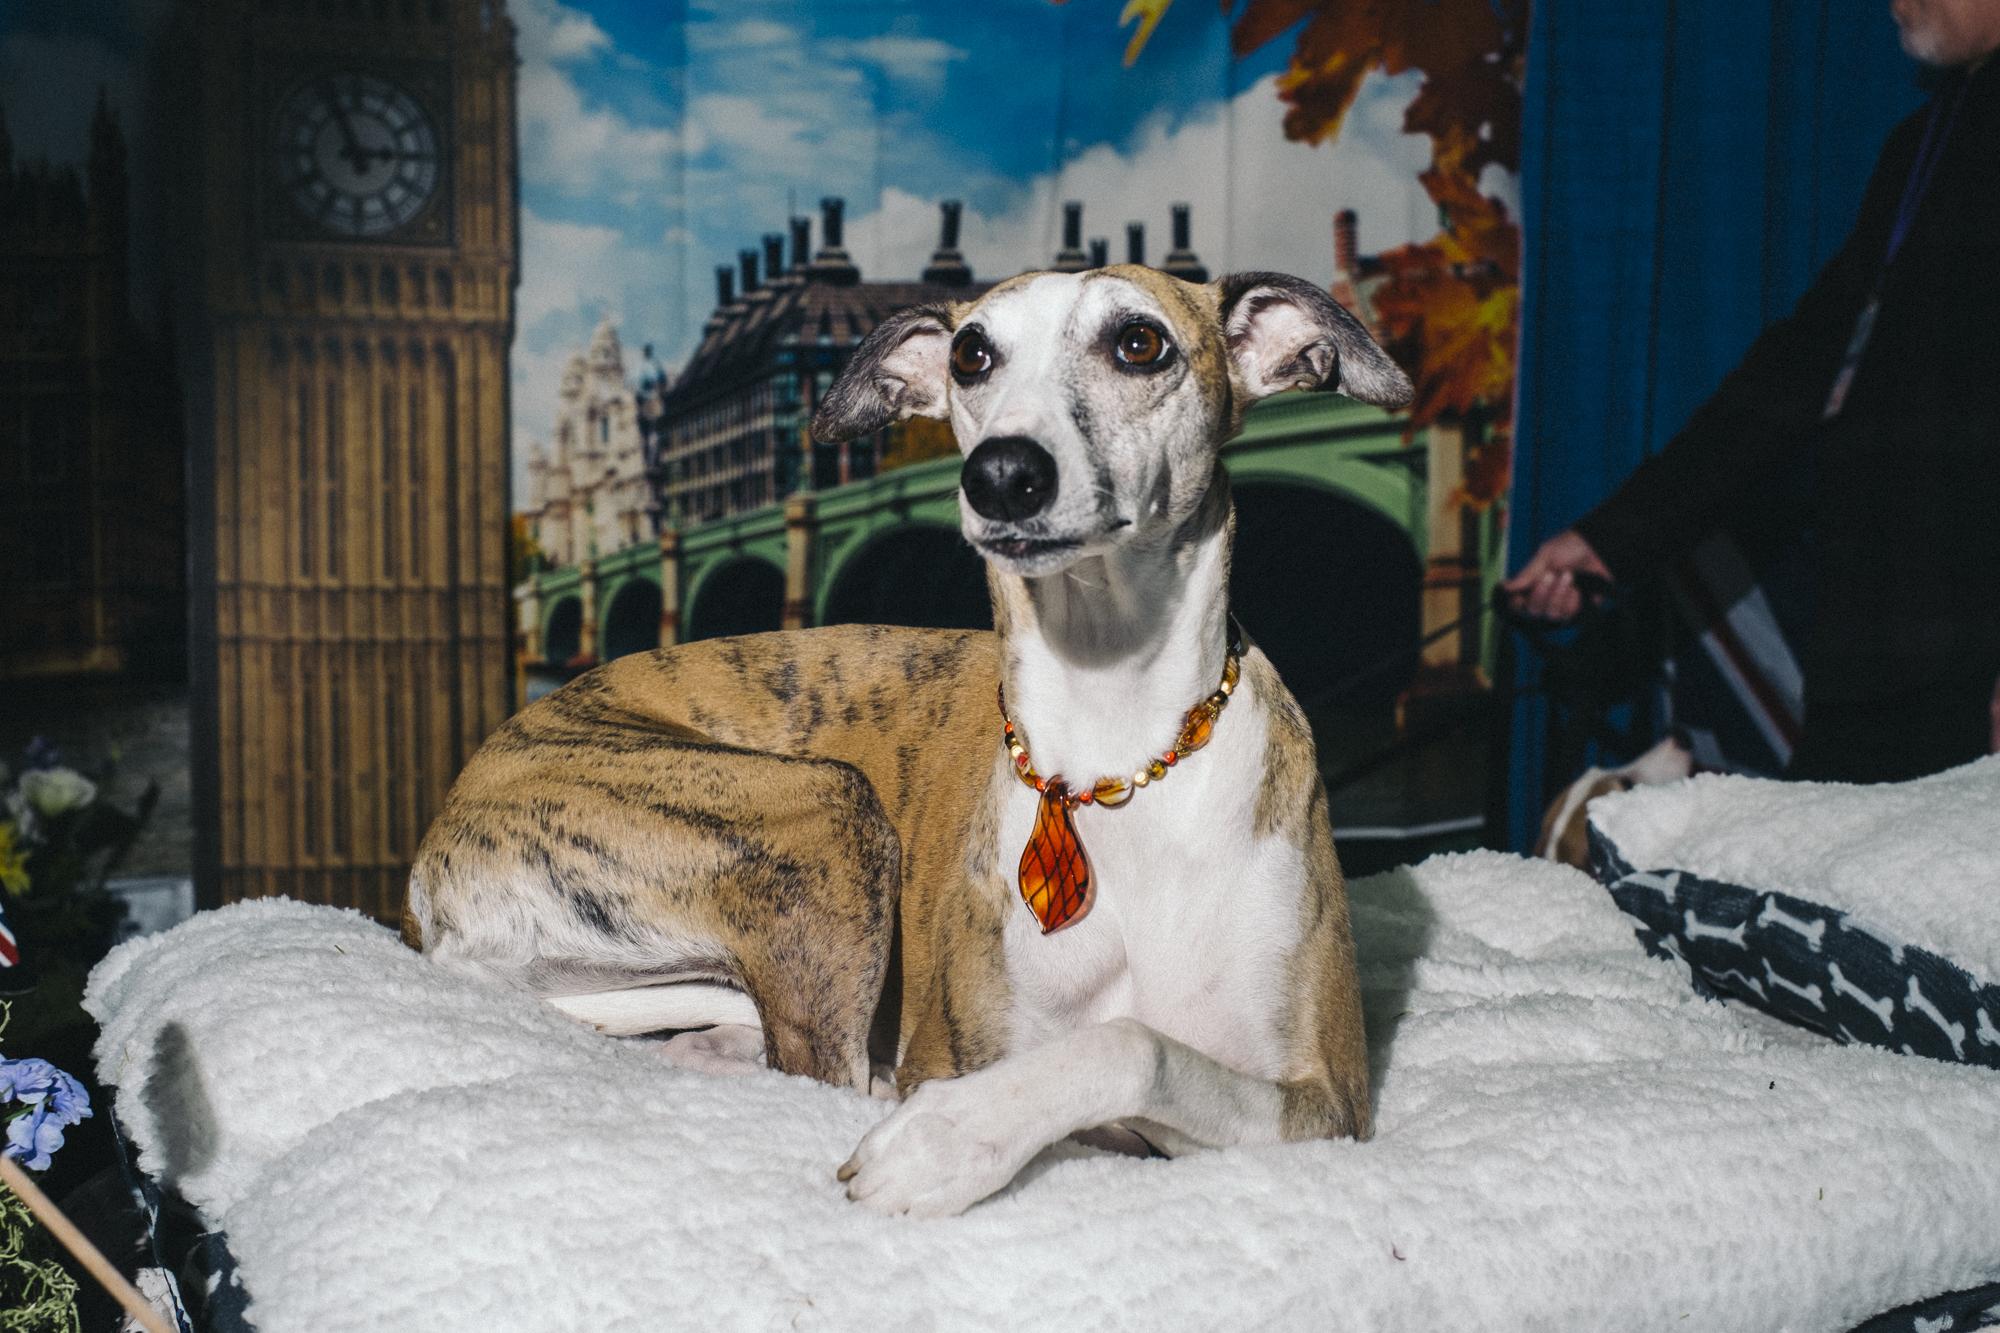 westminster-meet-greet-dogs-12.jpg